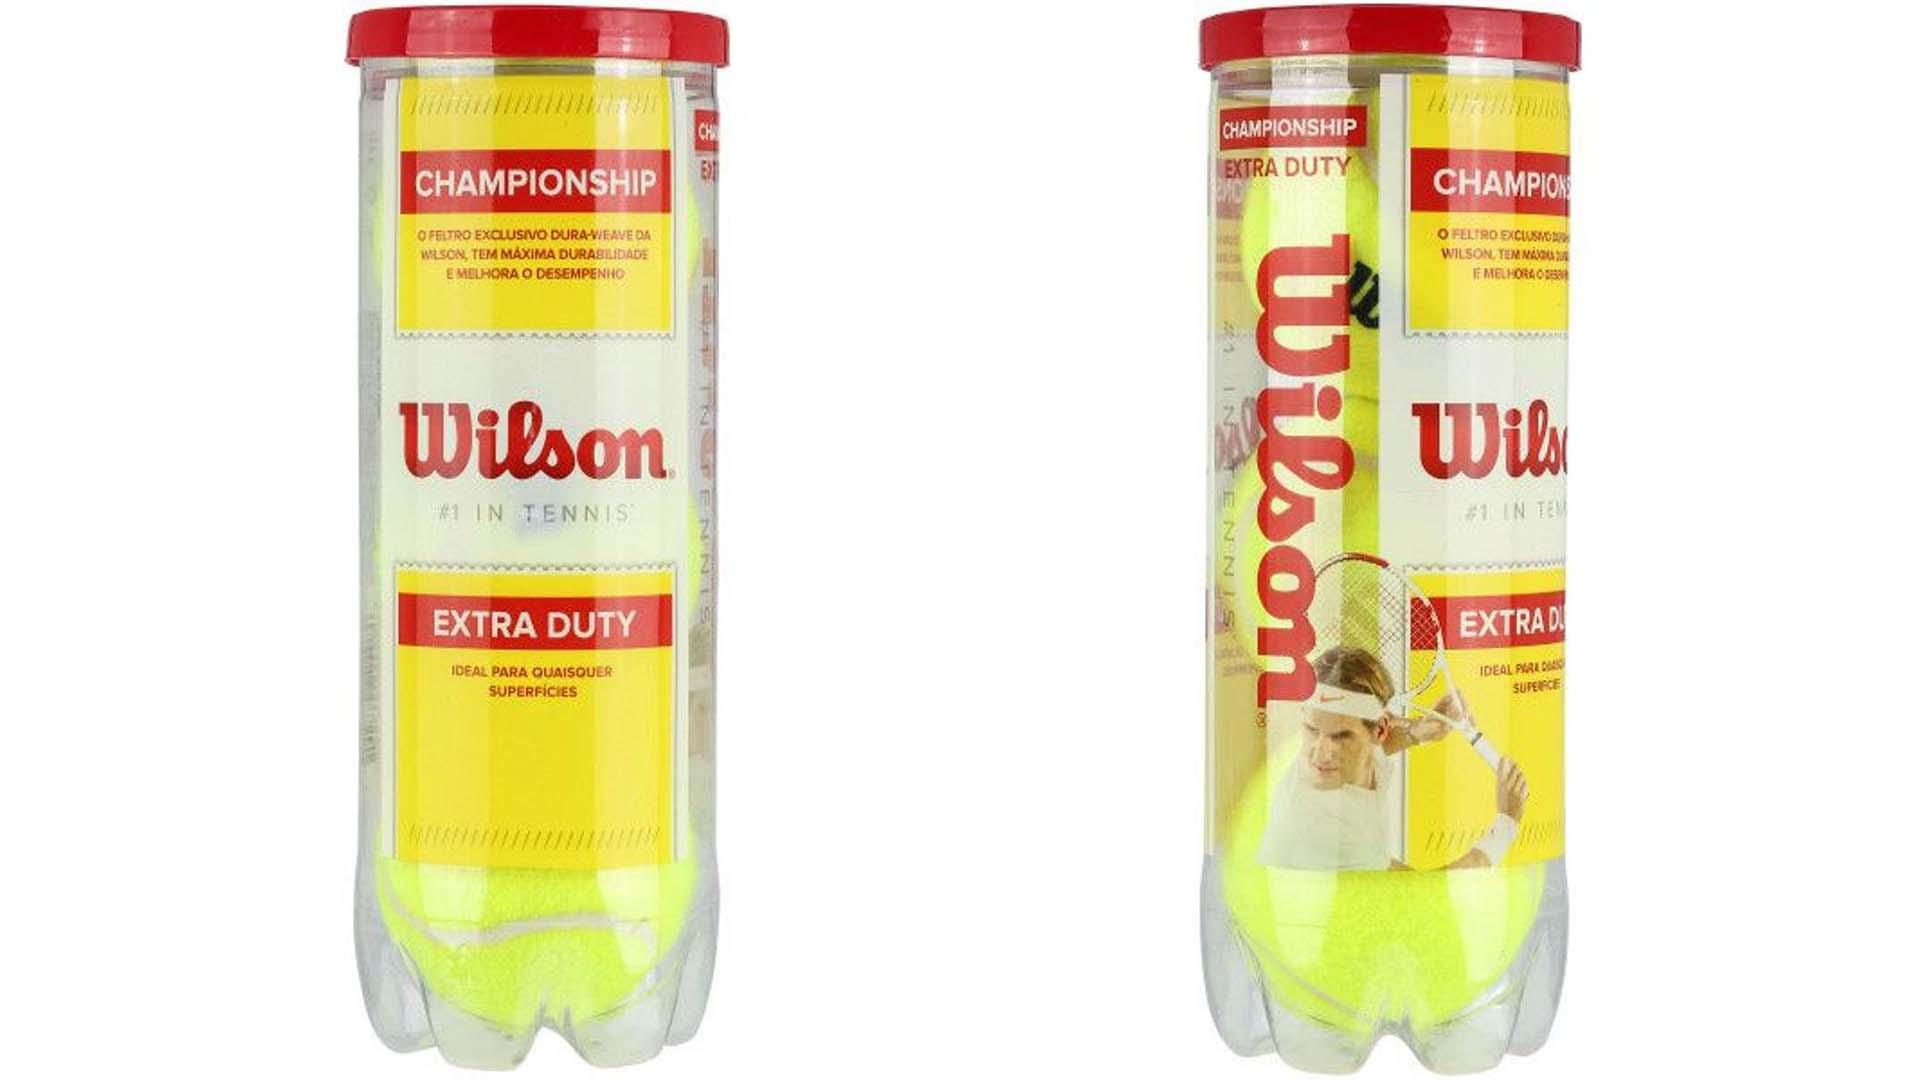 melhores bolas de tenis wilson championship